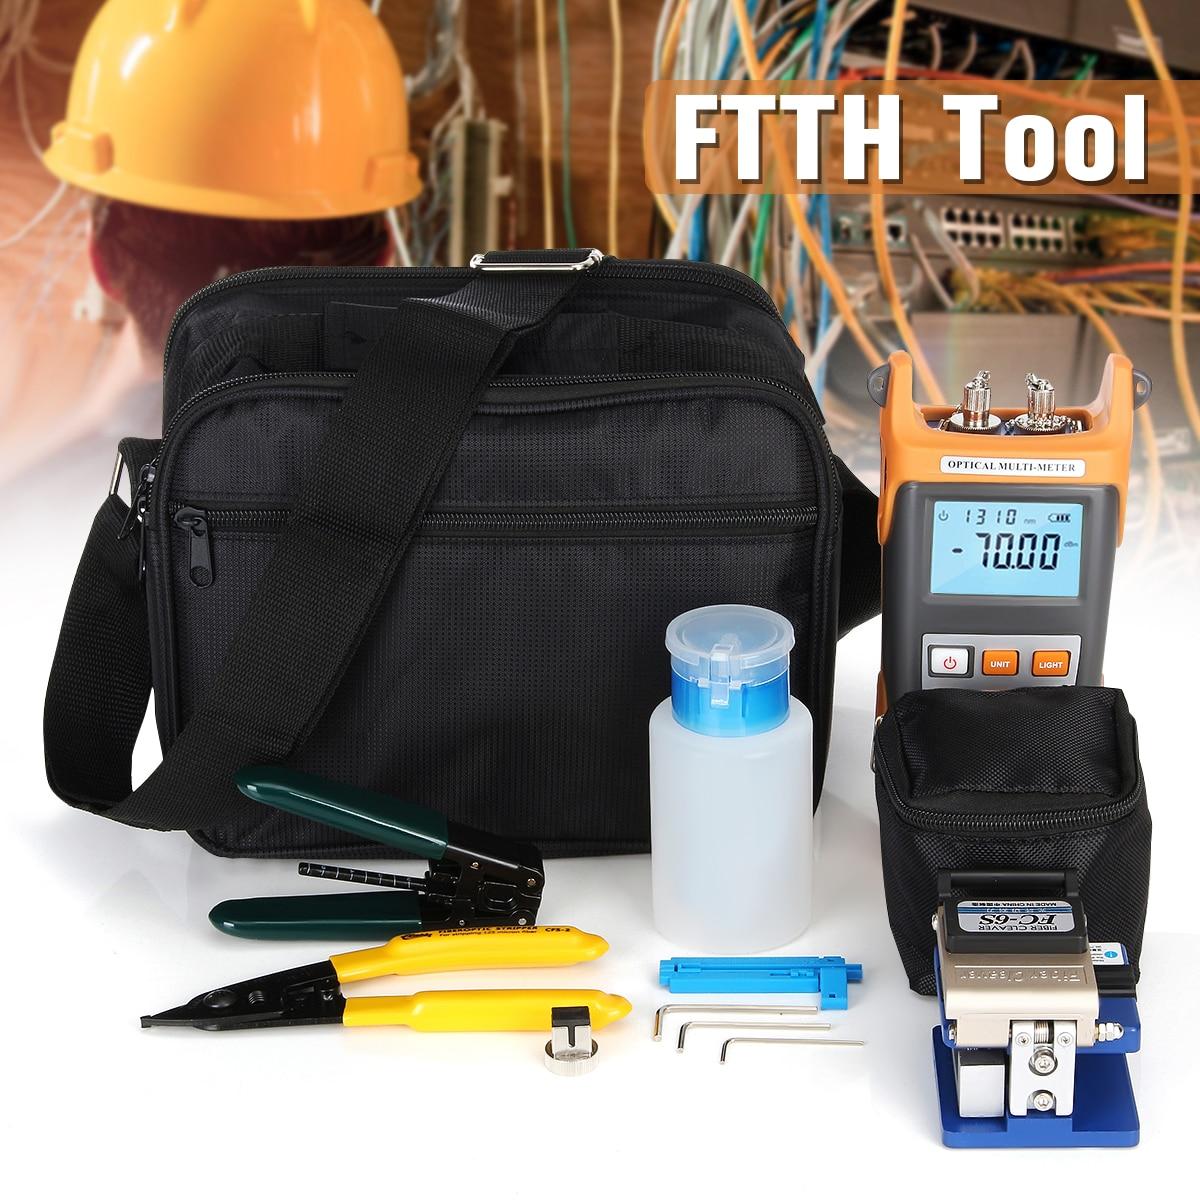 FTTH trousse à outils Visible Fiber optique localisateur de défaut compteur de puissance testeur pince couperet